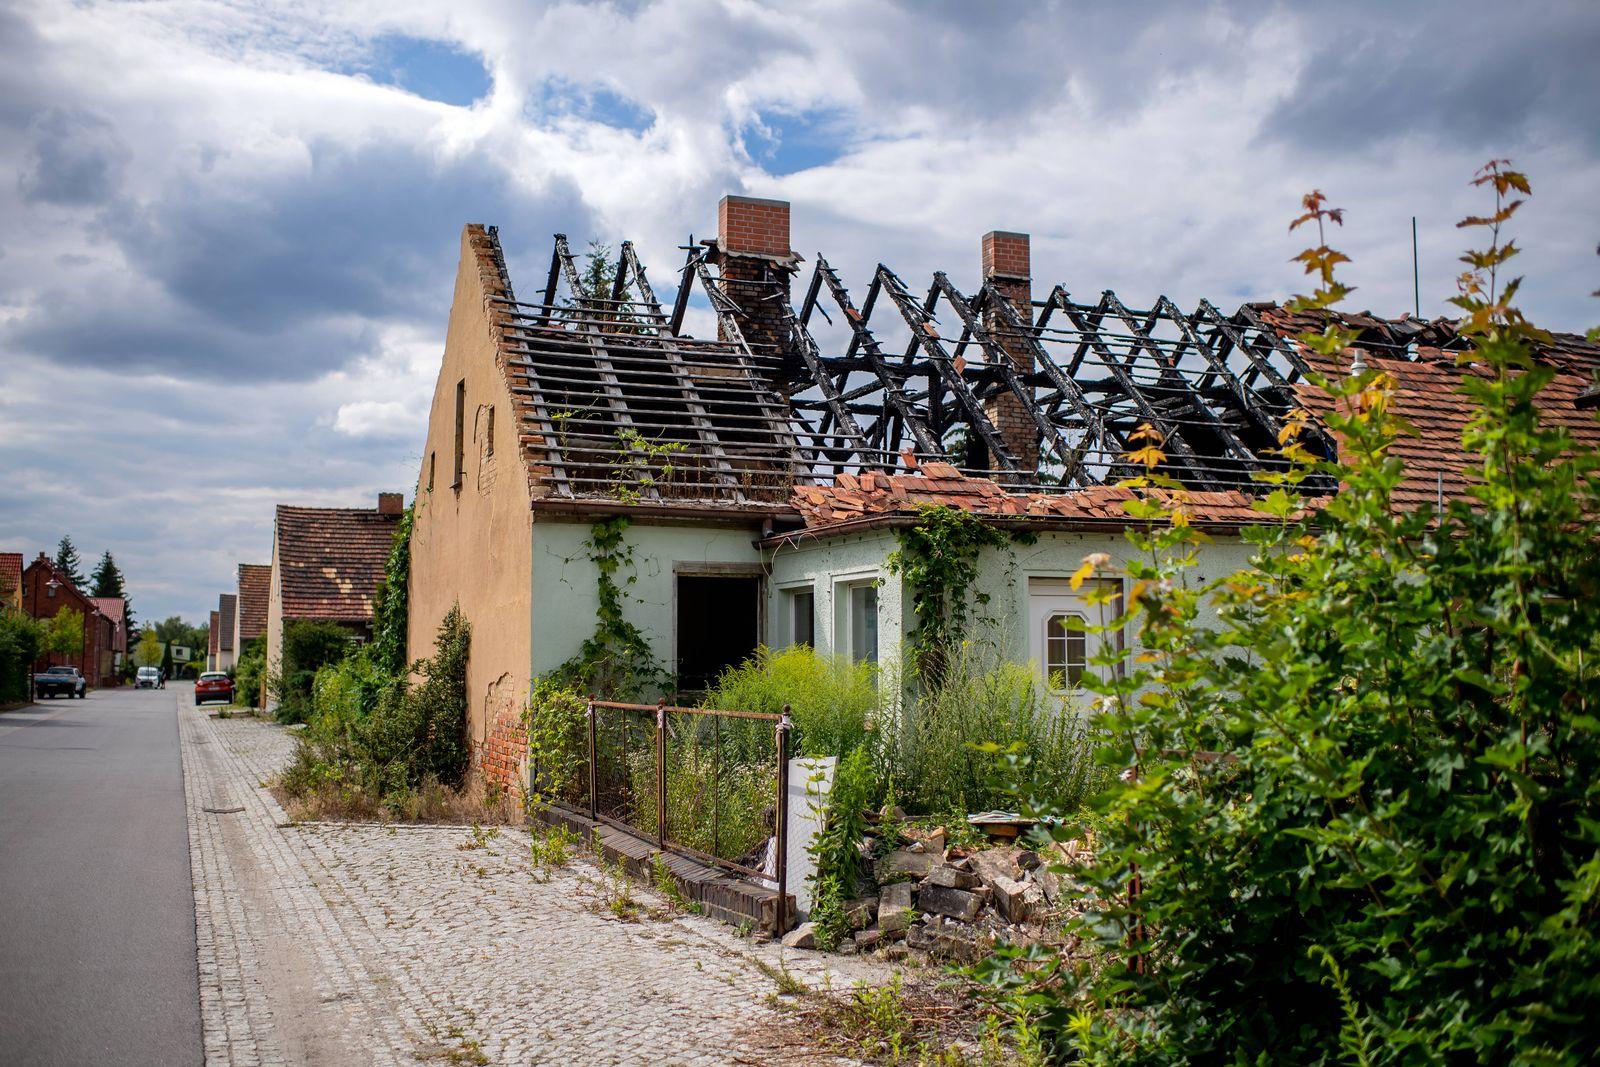 23. Juli 2020: Welzow (Brandenburg), Impressionen aus dem Stadtleben: Alte, kaputte und verlasse Haeuser sind haeufig in